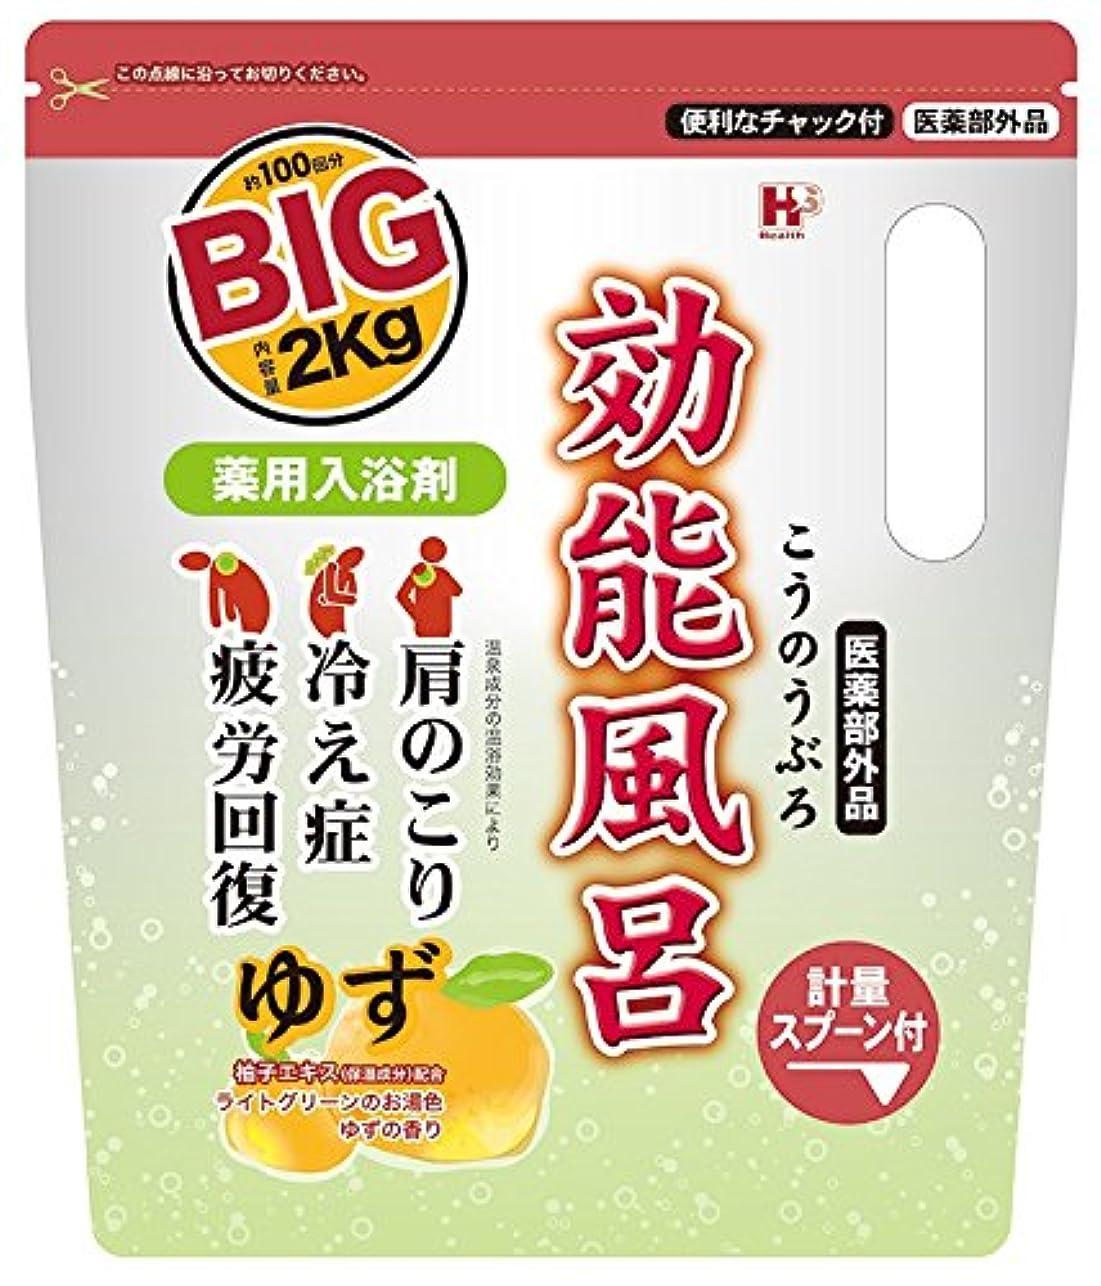 弱い靄くちばし薬用入浴剤 効能風呂 ゆずの香り BIGサイズ 2kg [医薬部外品]